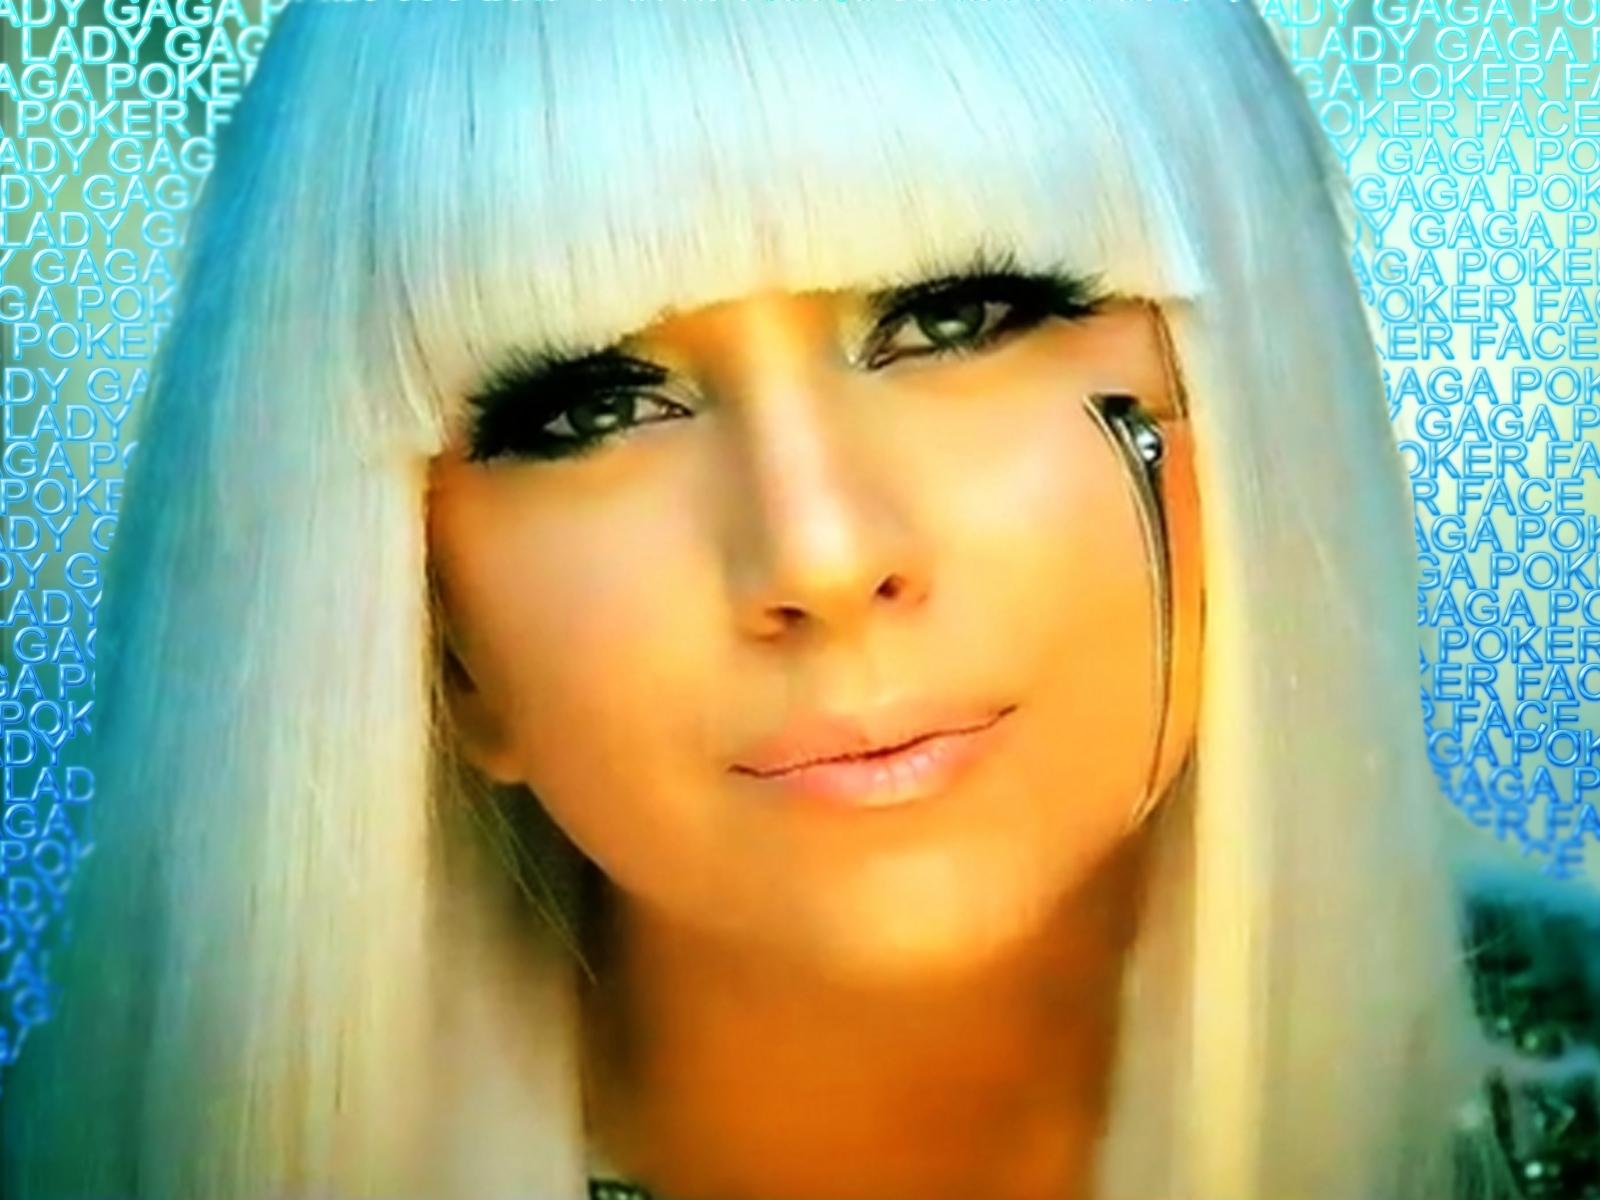 http://2.bp.blogspot.com/-lCqupiZ4HjQ/Tle76snLEQI/AAAAAAAAF_Q/5feZ5-toC8M/s1600/Lady-GaGa.jpg